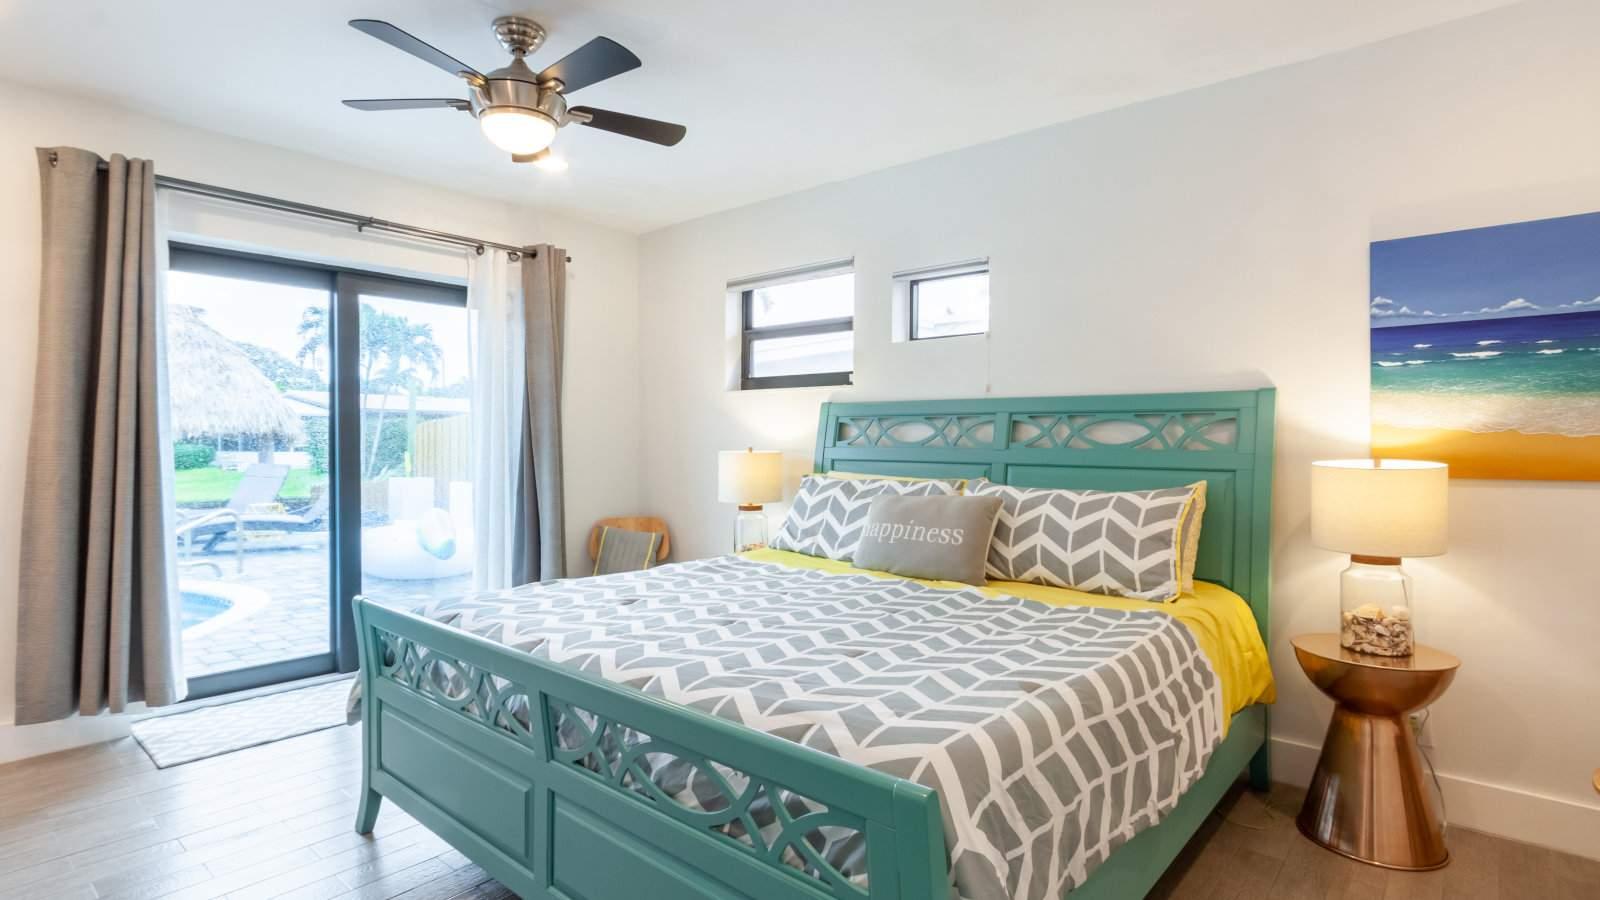 Você pode ficar com um grupo de amigos gays neste airbnb gay de estilo italiano em Fort Lauderdale